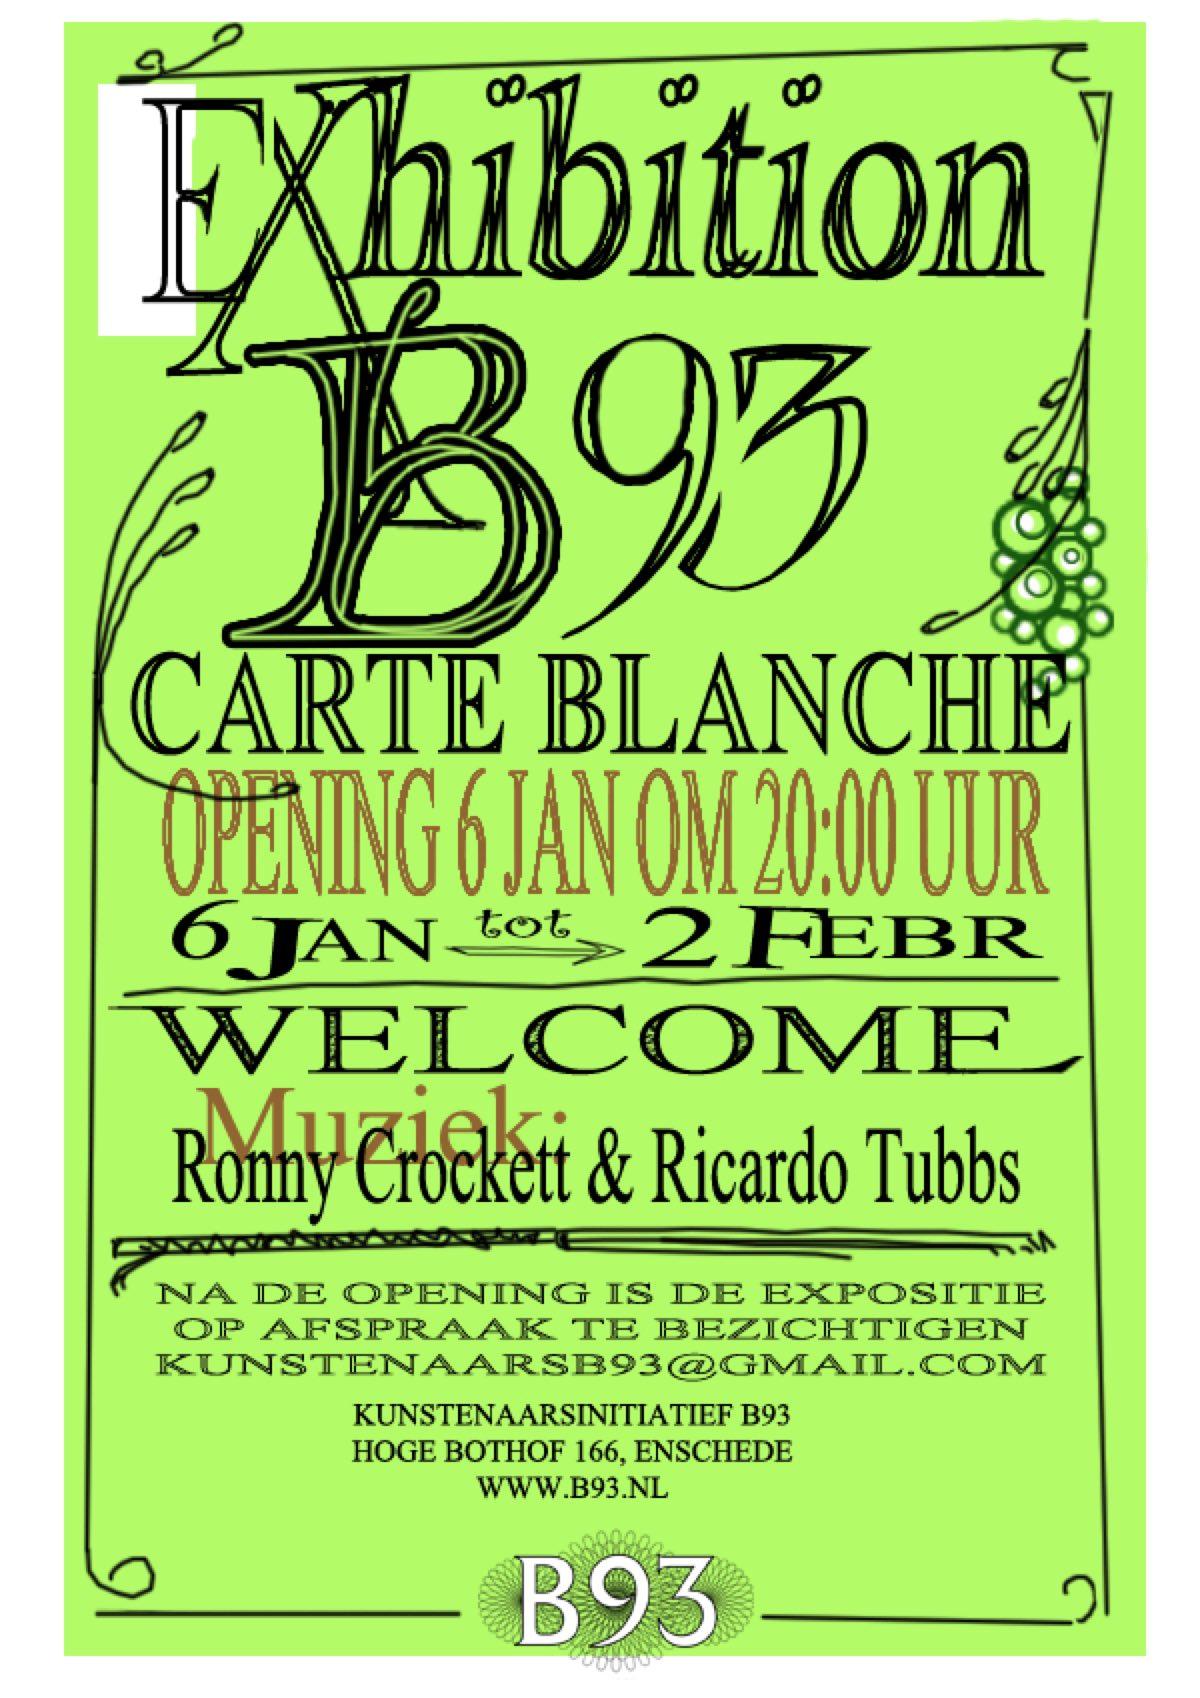 Carte Blanche – B93 kunstenaars